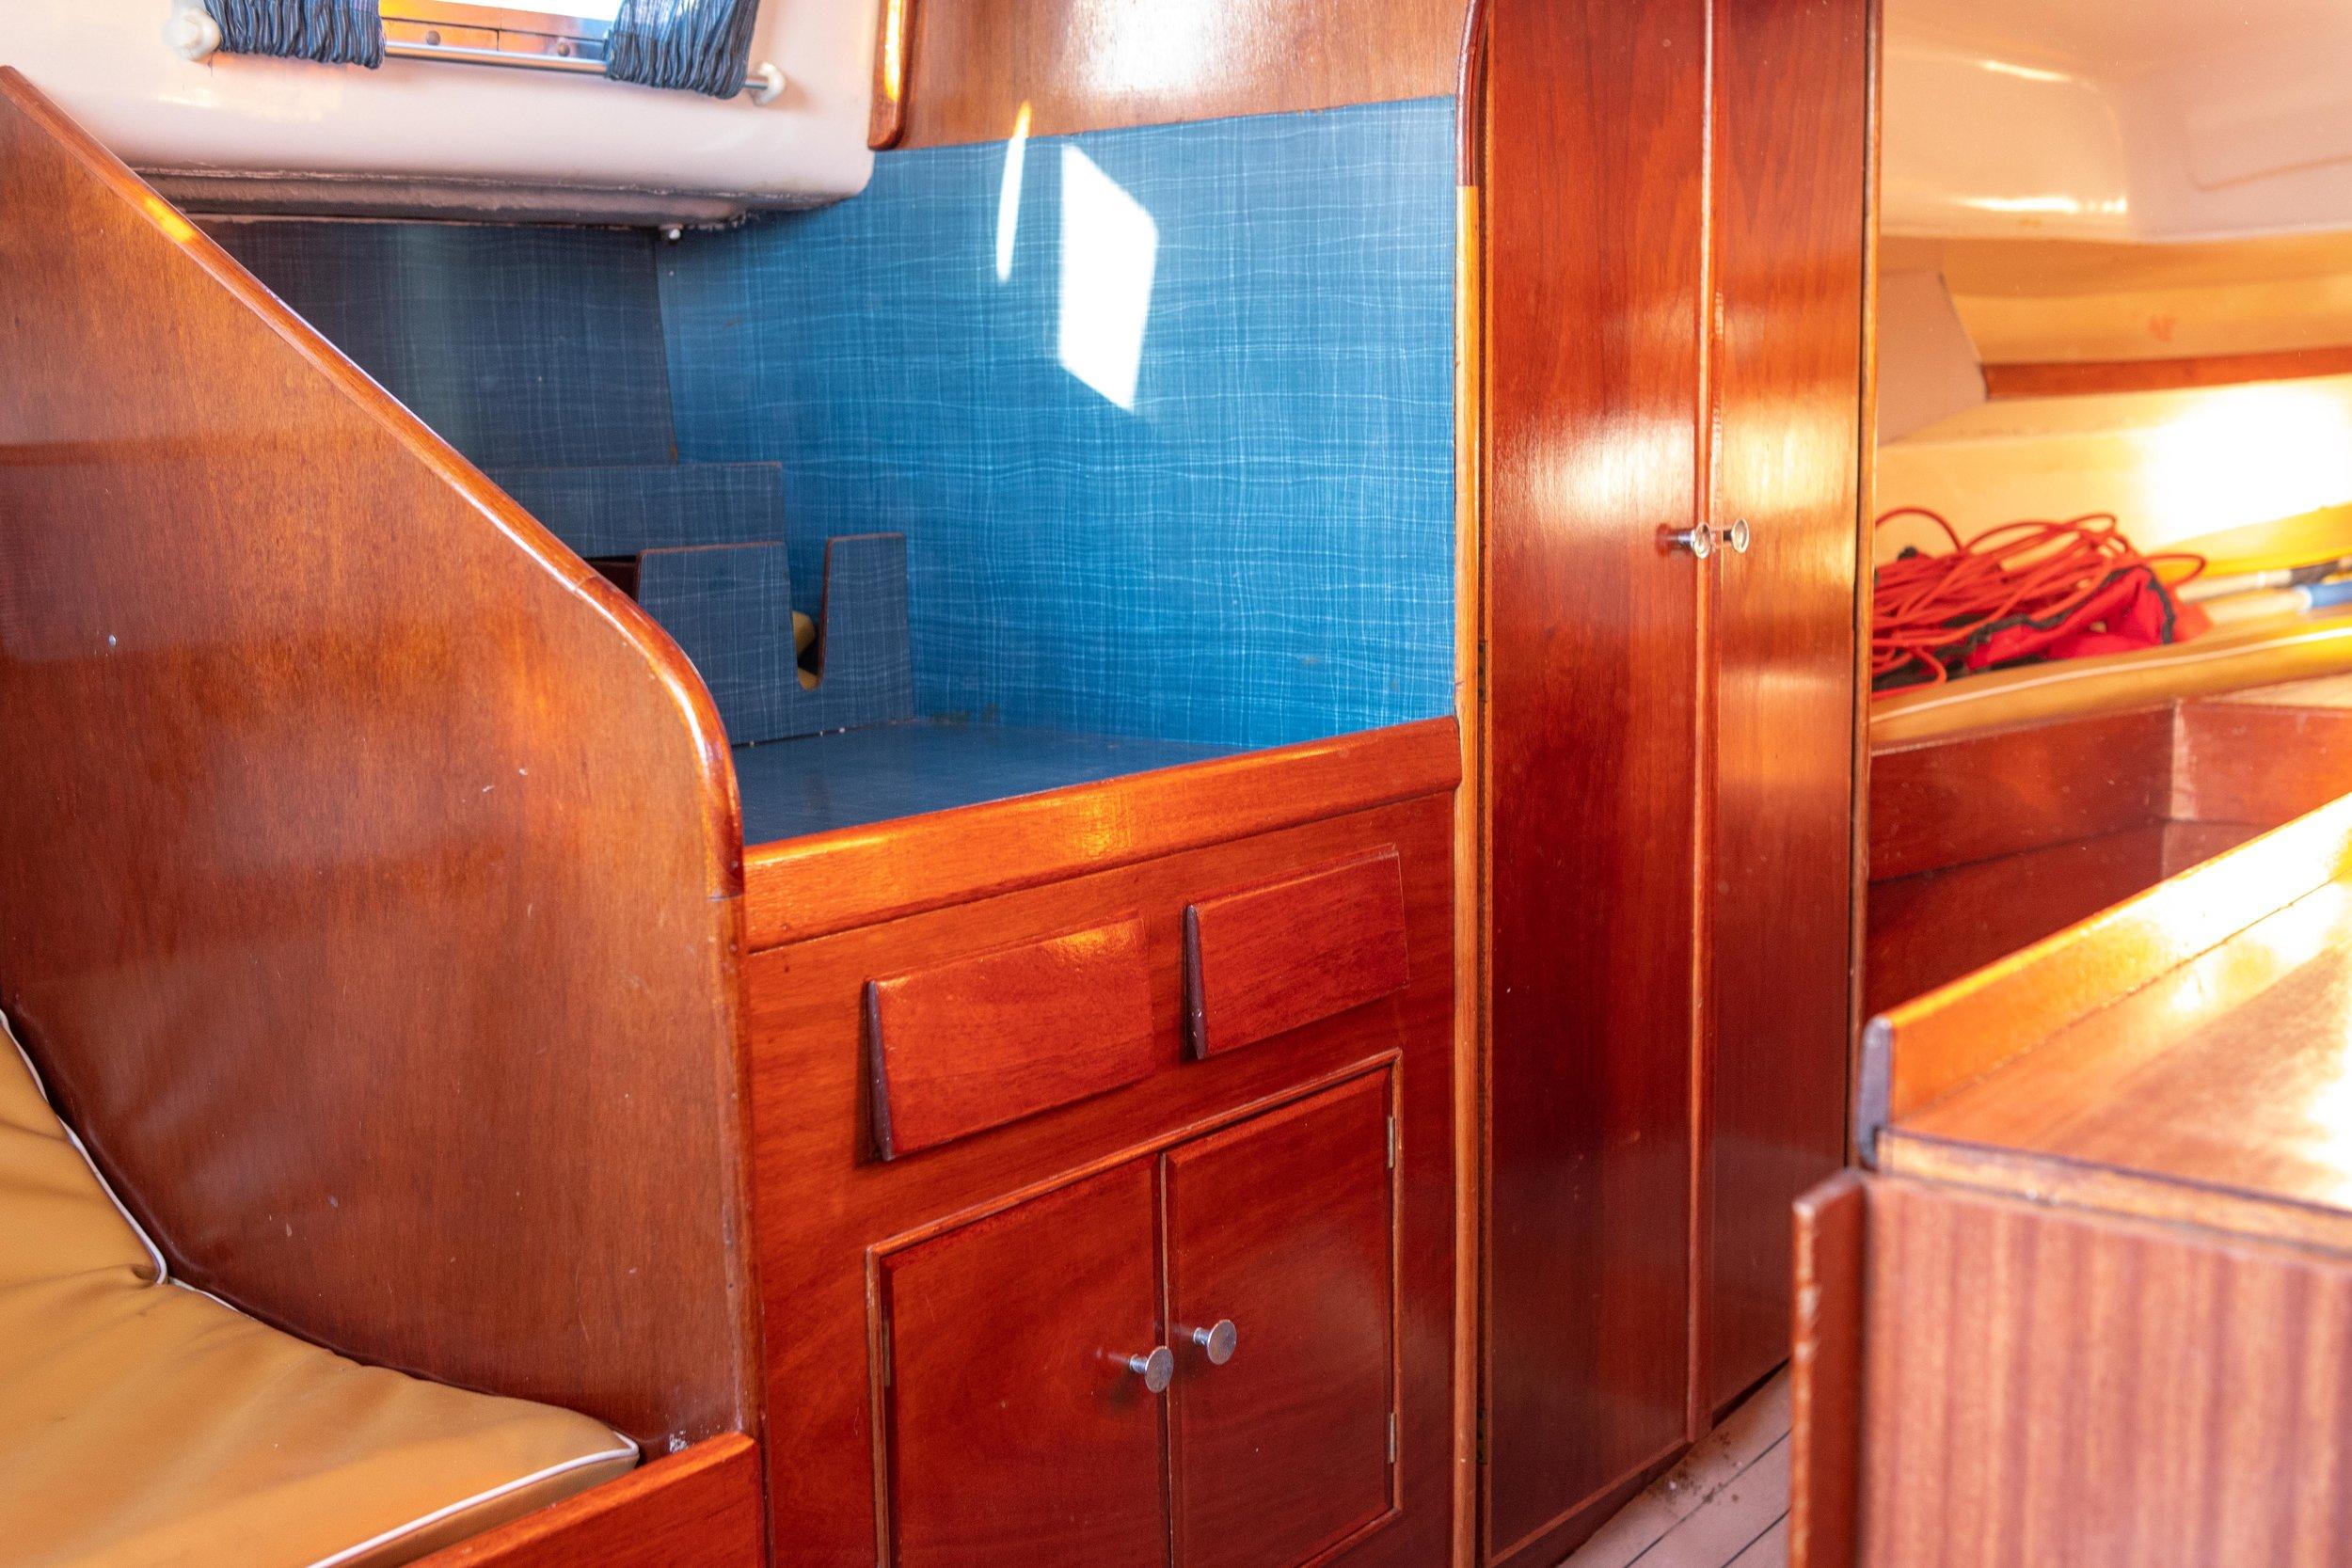 The Contessa 26 Cabin. Photo: Daniel Novello